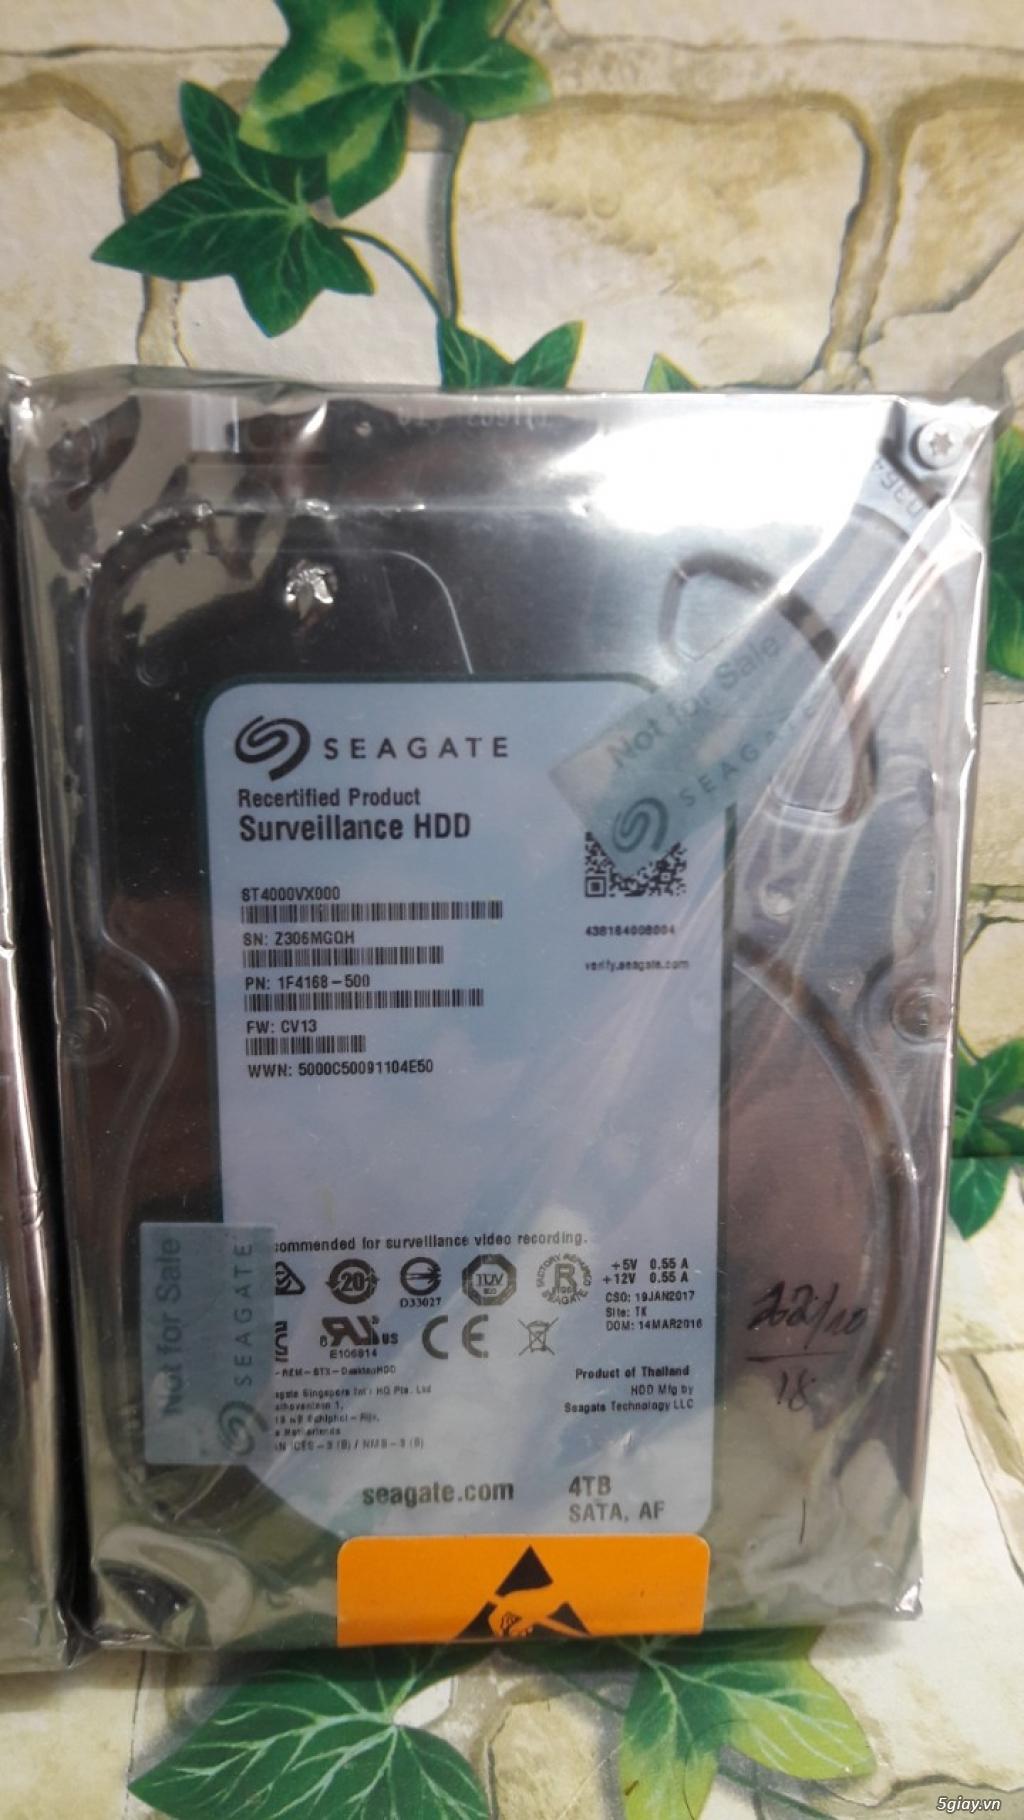 [Entershop] chuyên thẻ nhớ, usb, ổ cứng di động 500gb , 1000gb, 2T, 4T - 22